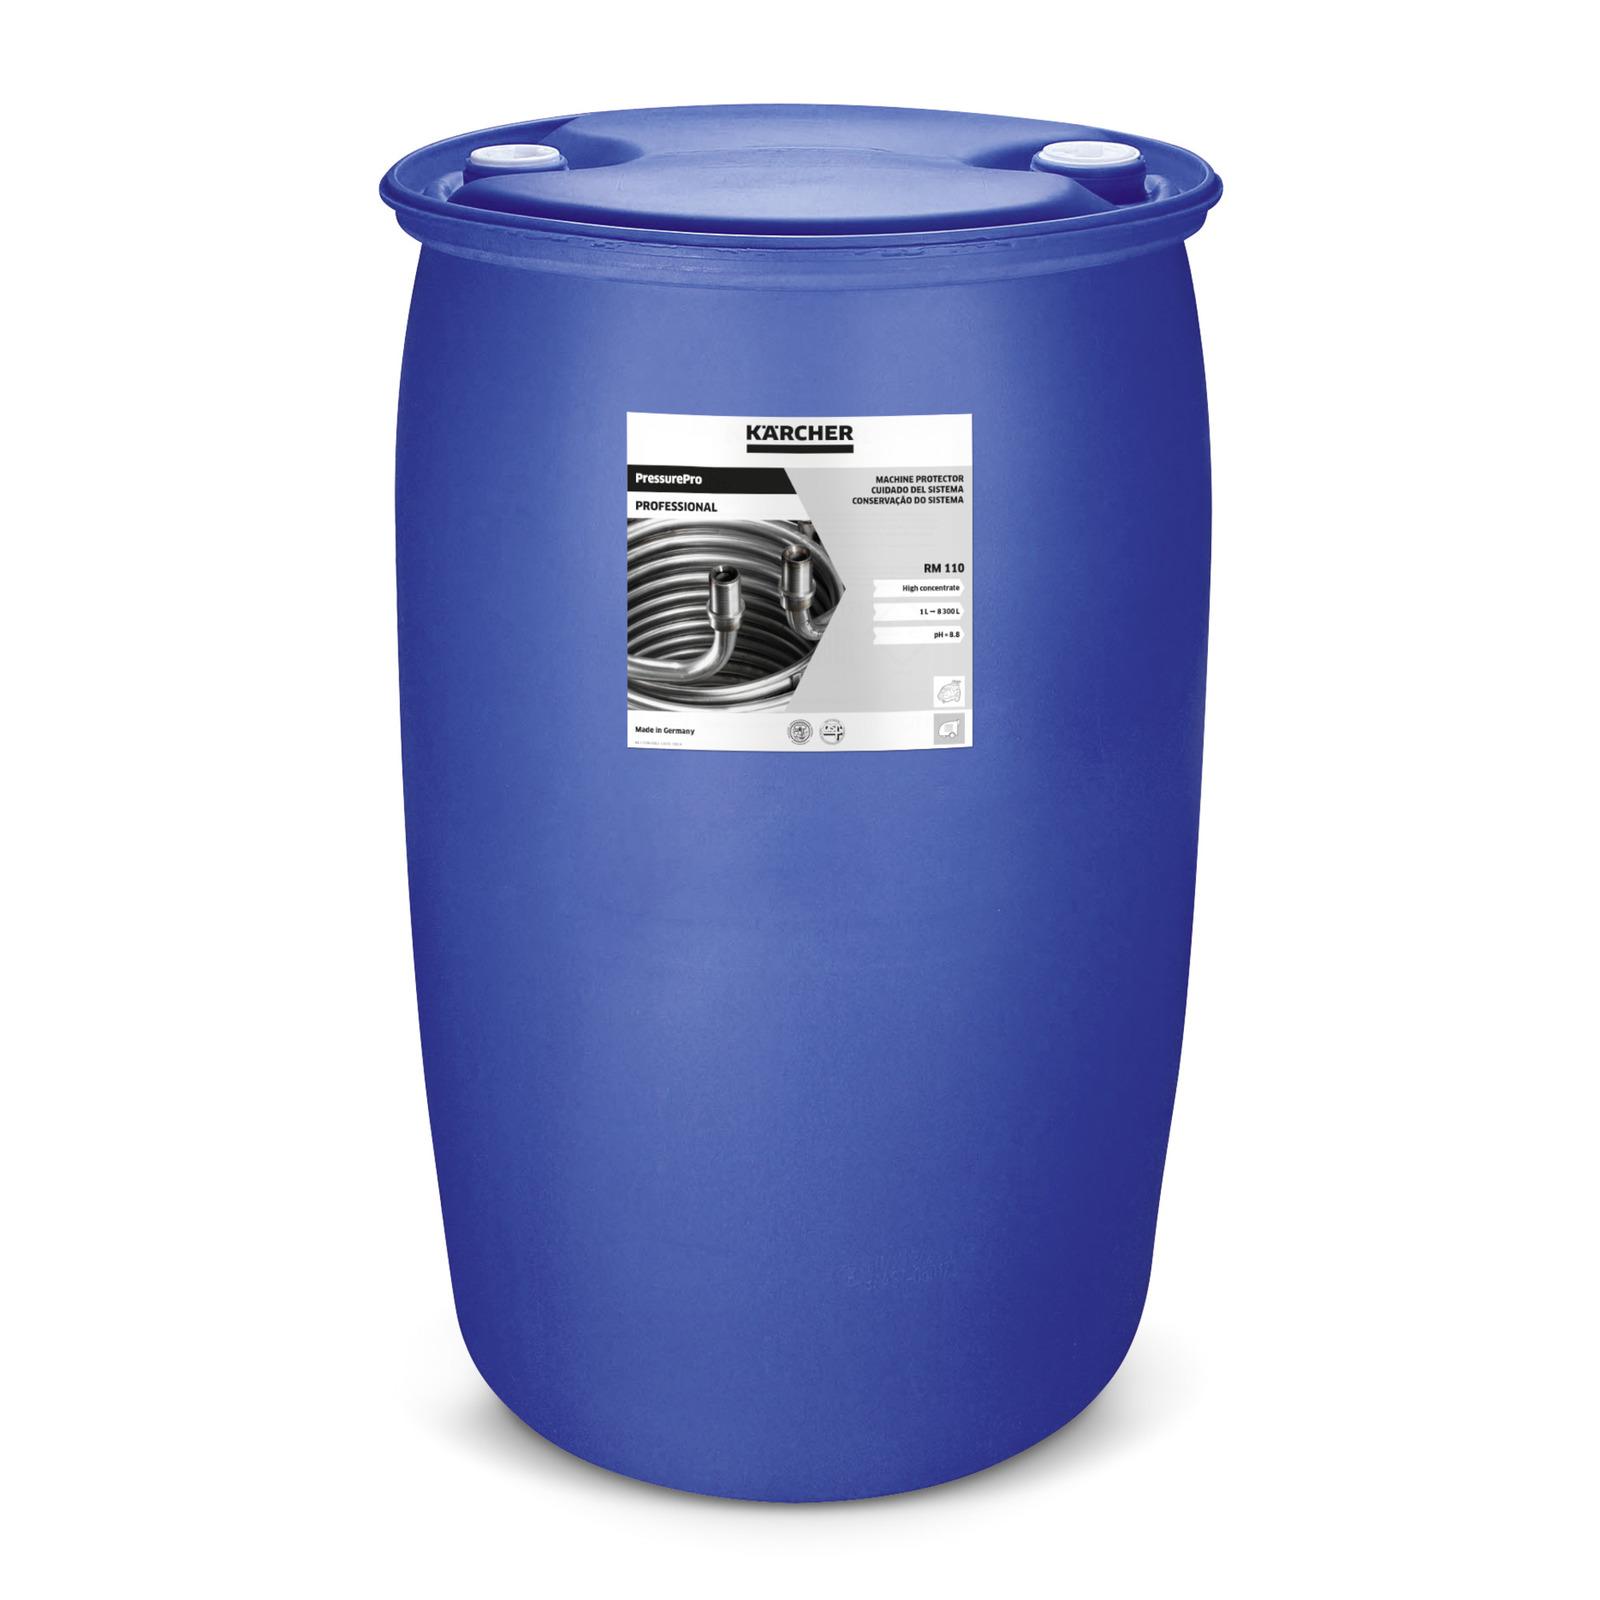 Системное средство защиты Karcher RM 110, 200 л